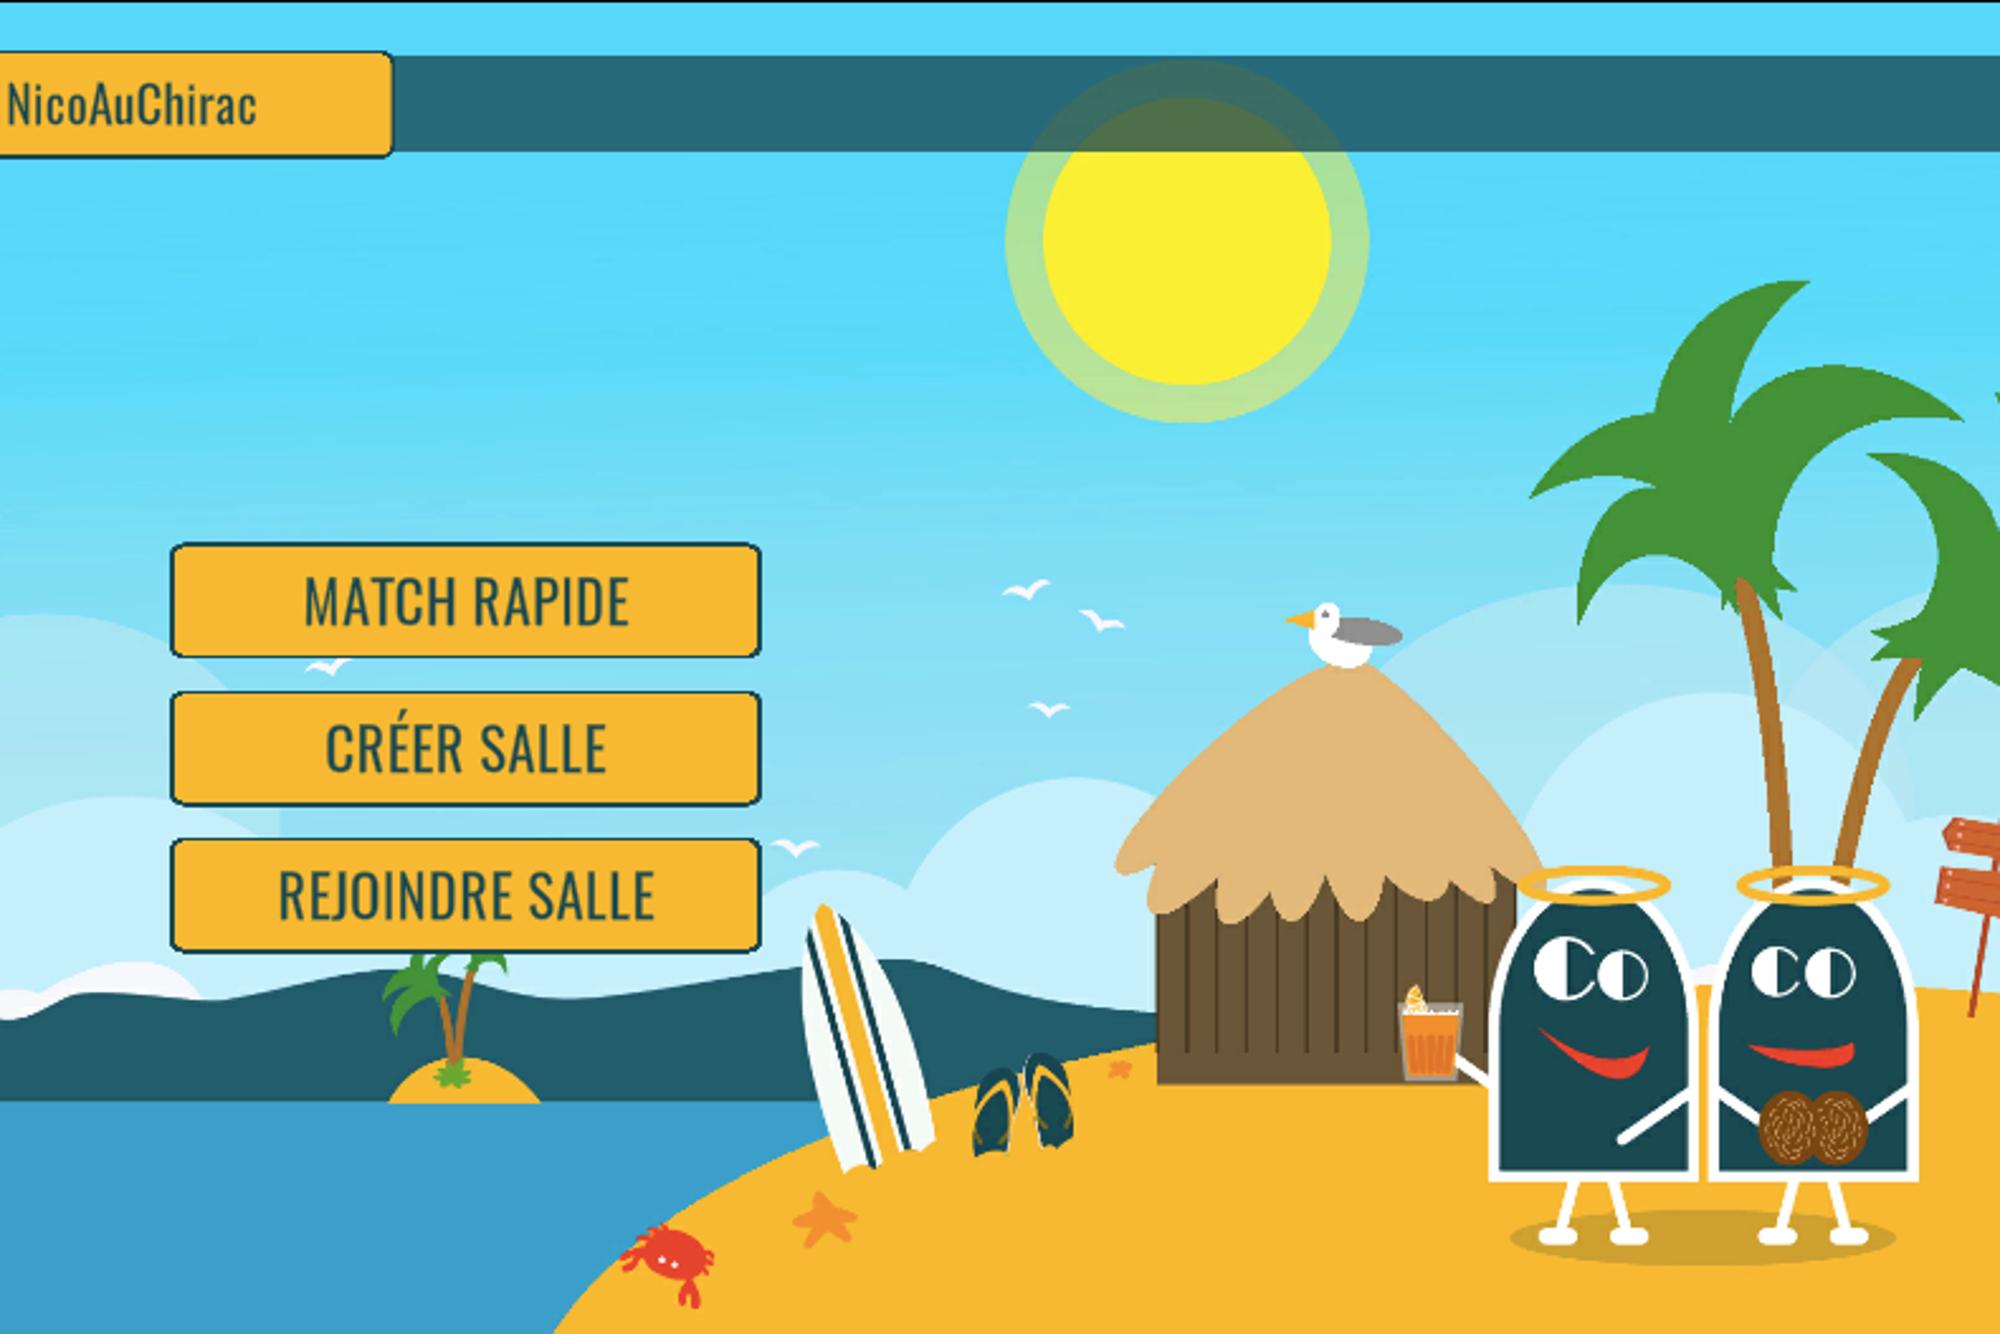 Confinement : Le Jeu Blanc-Manger Coco Disponible En Ligne intérieur Jeux Internet Gratuit Francais